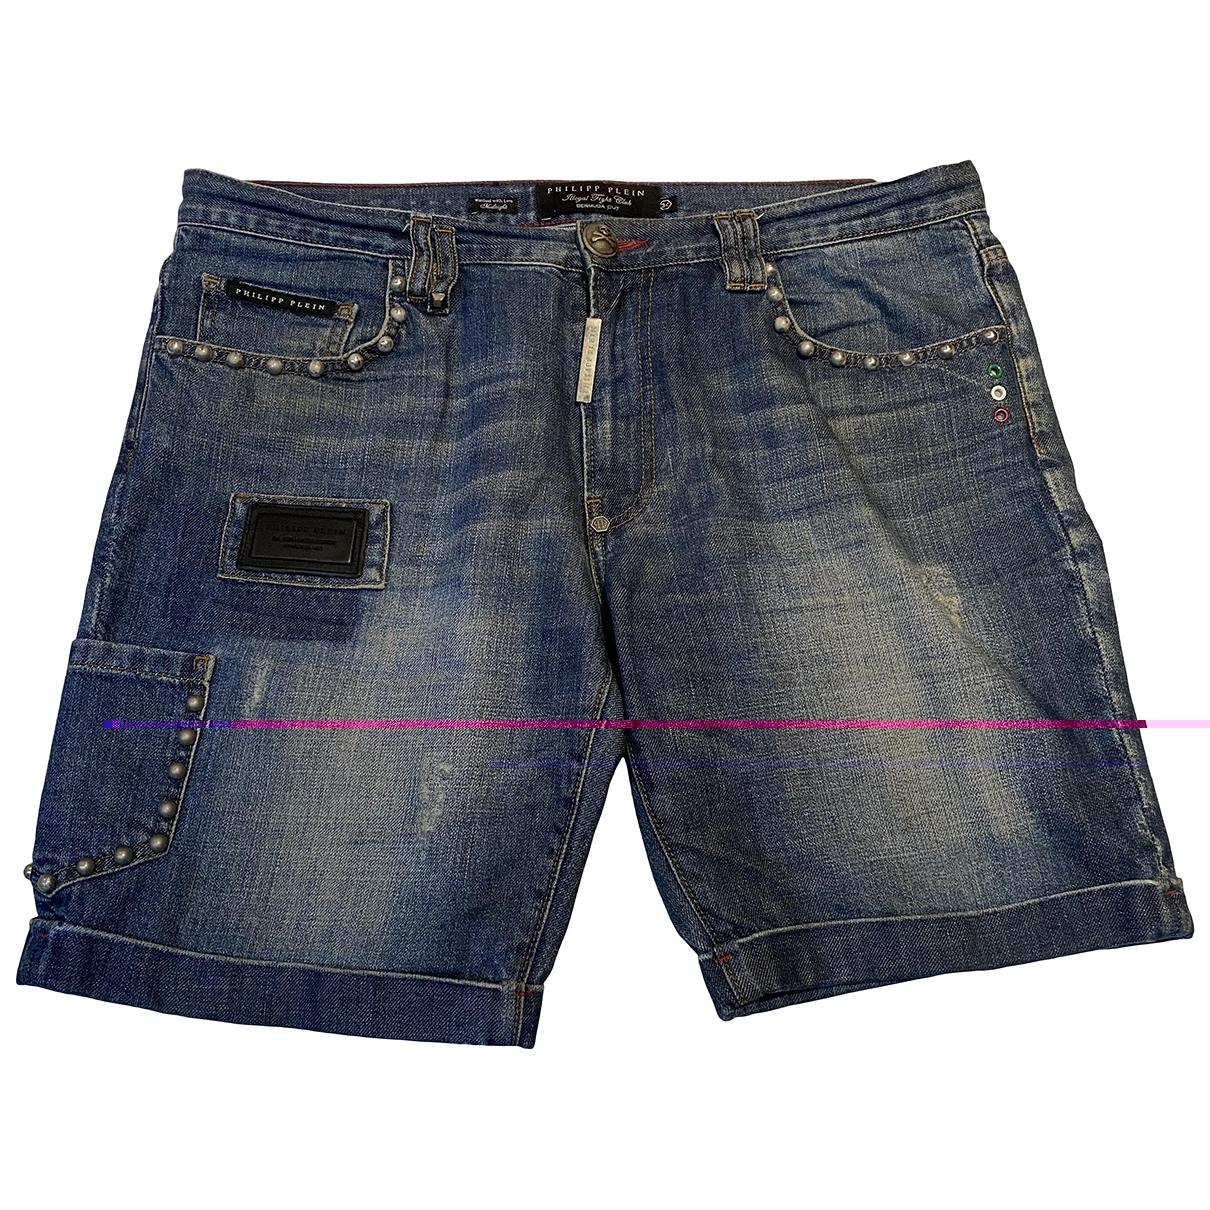 Pantalon corto Philipp Plein